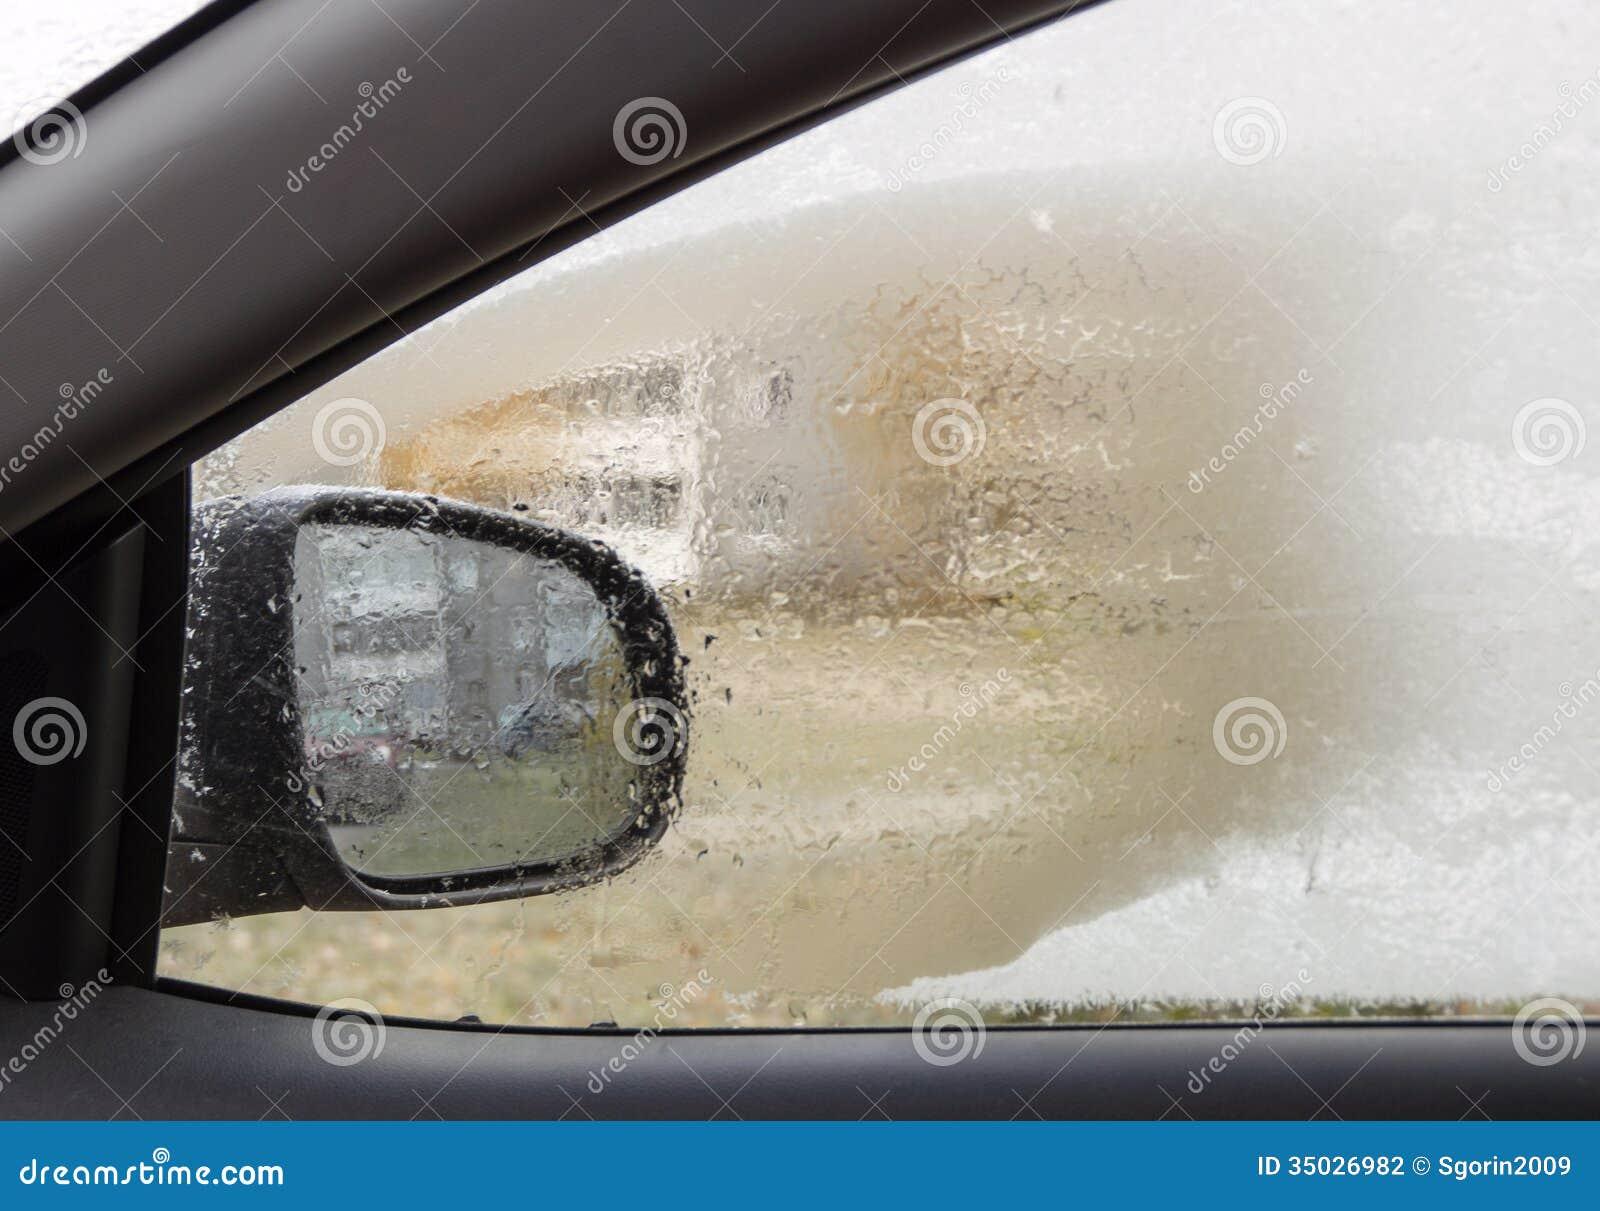 Premier givre sur la fen tre de la voiture photographie for Fenetre voiture